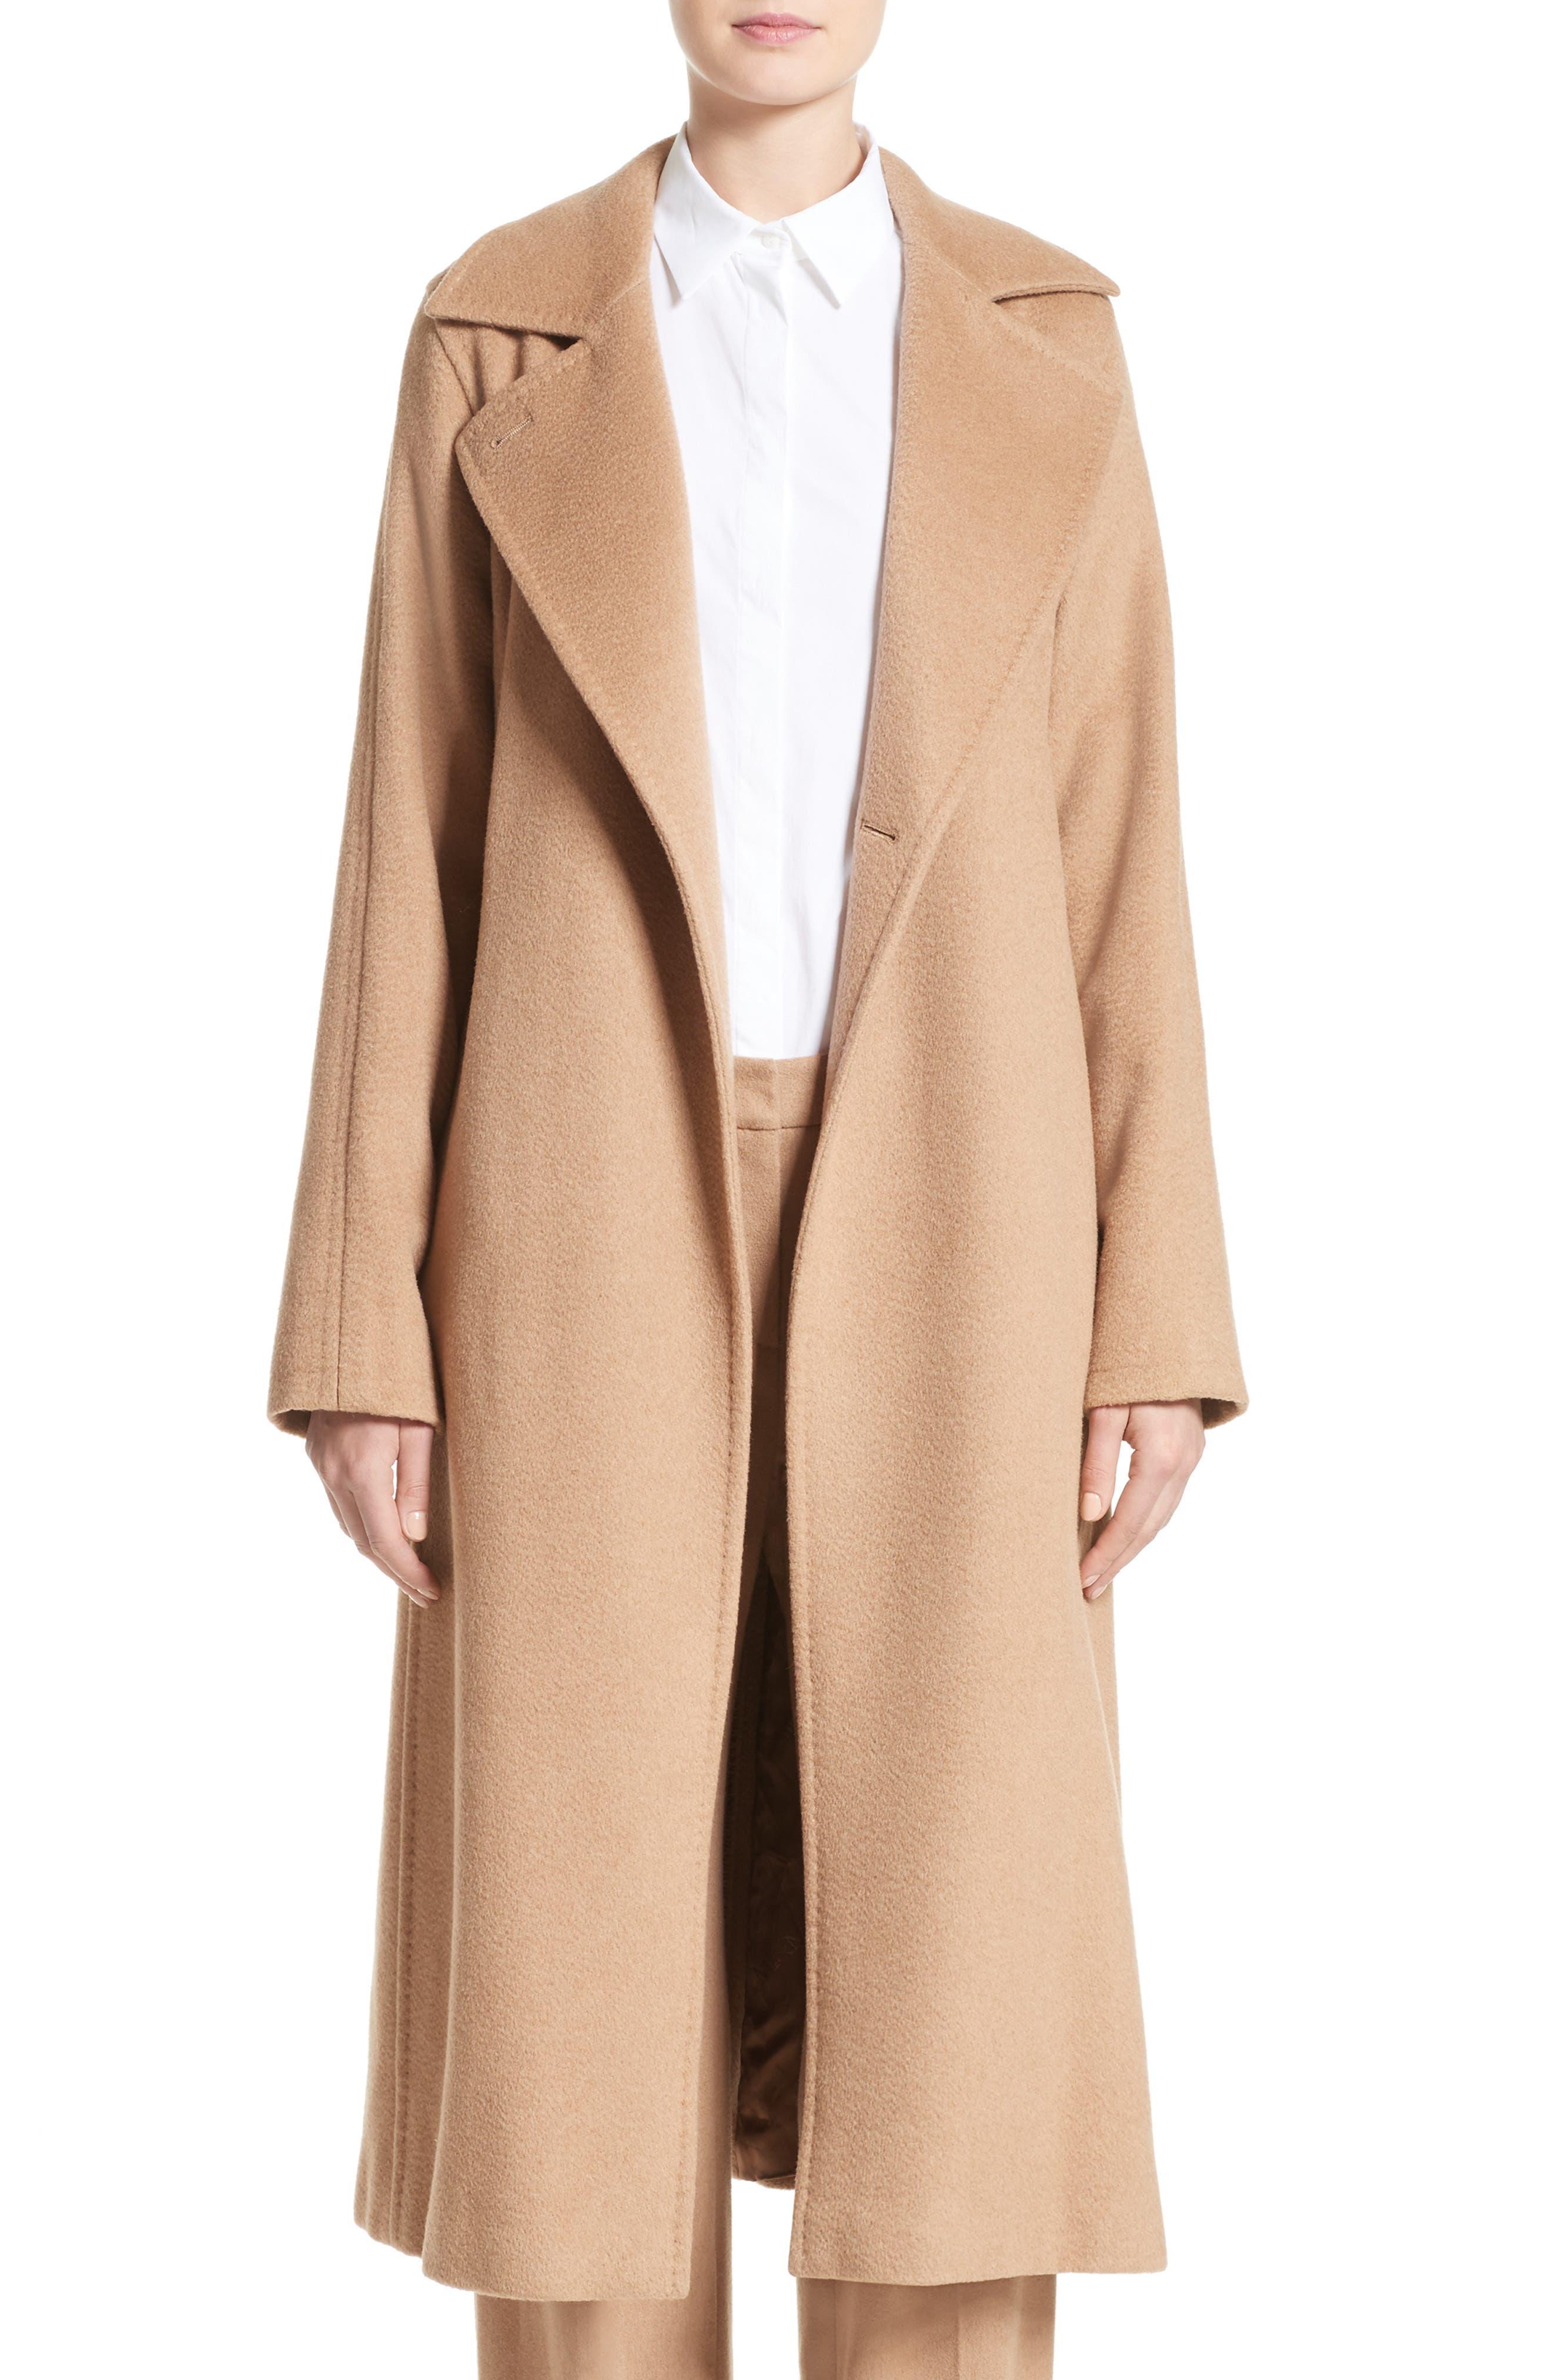 Max Mara 'Manuela' Camel Hair Coat